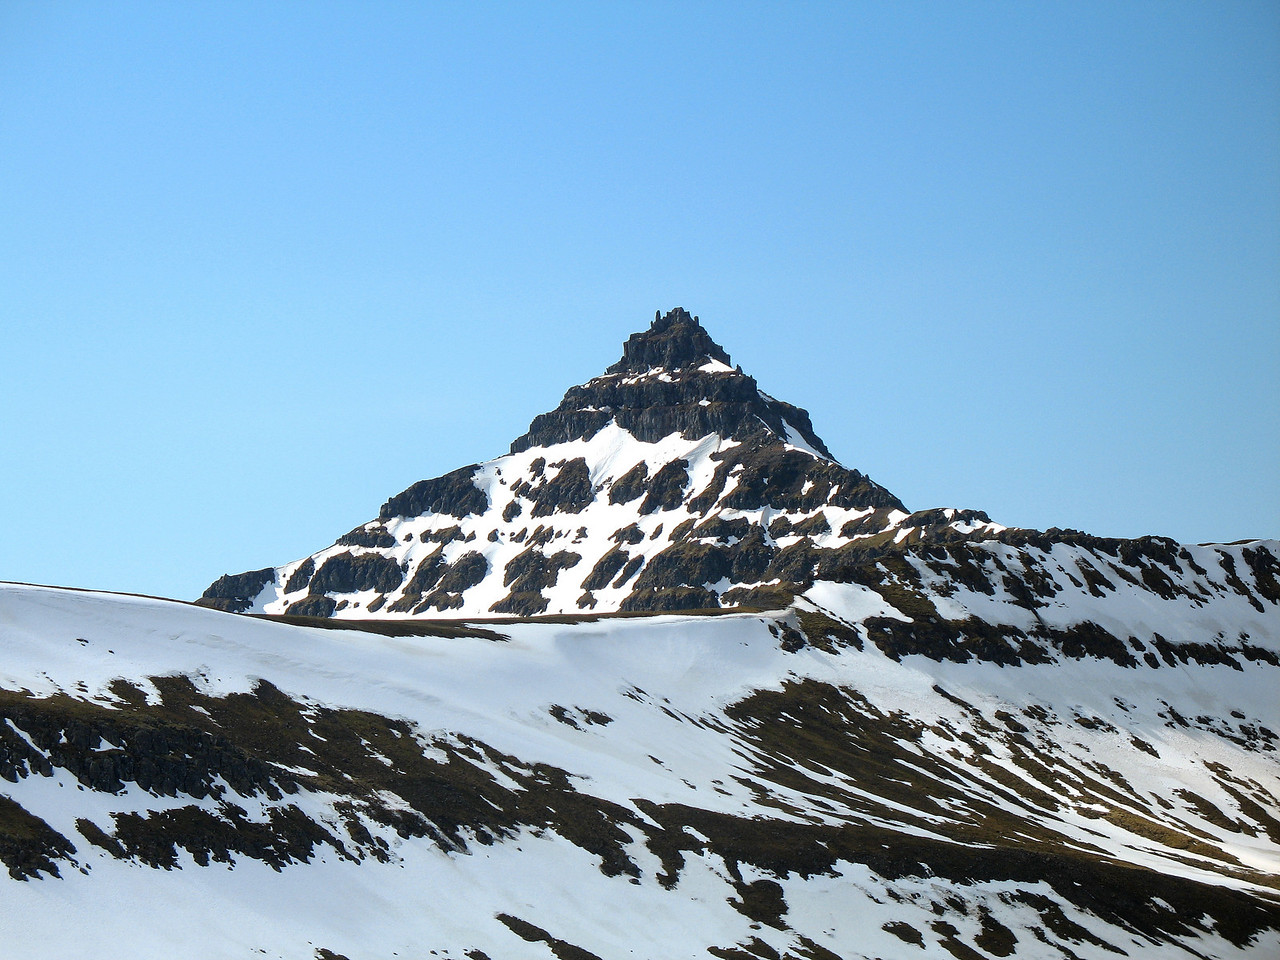 Steinahlíð í Kolbeinsstaðafjalli, að baki hennar er svo Tröllakirkja.